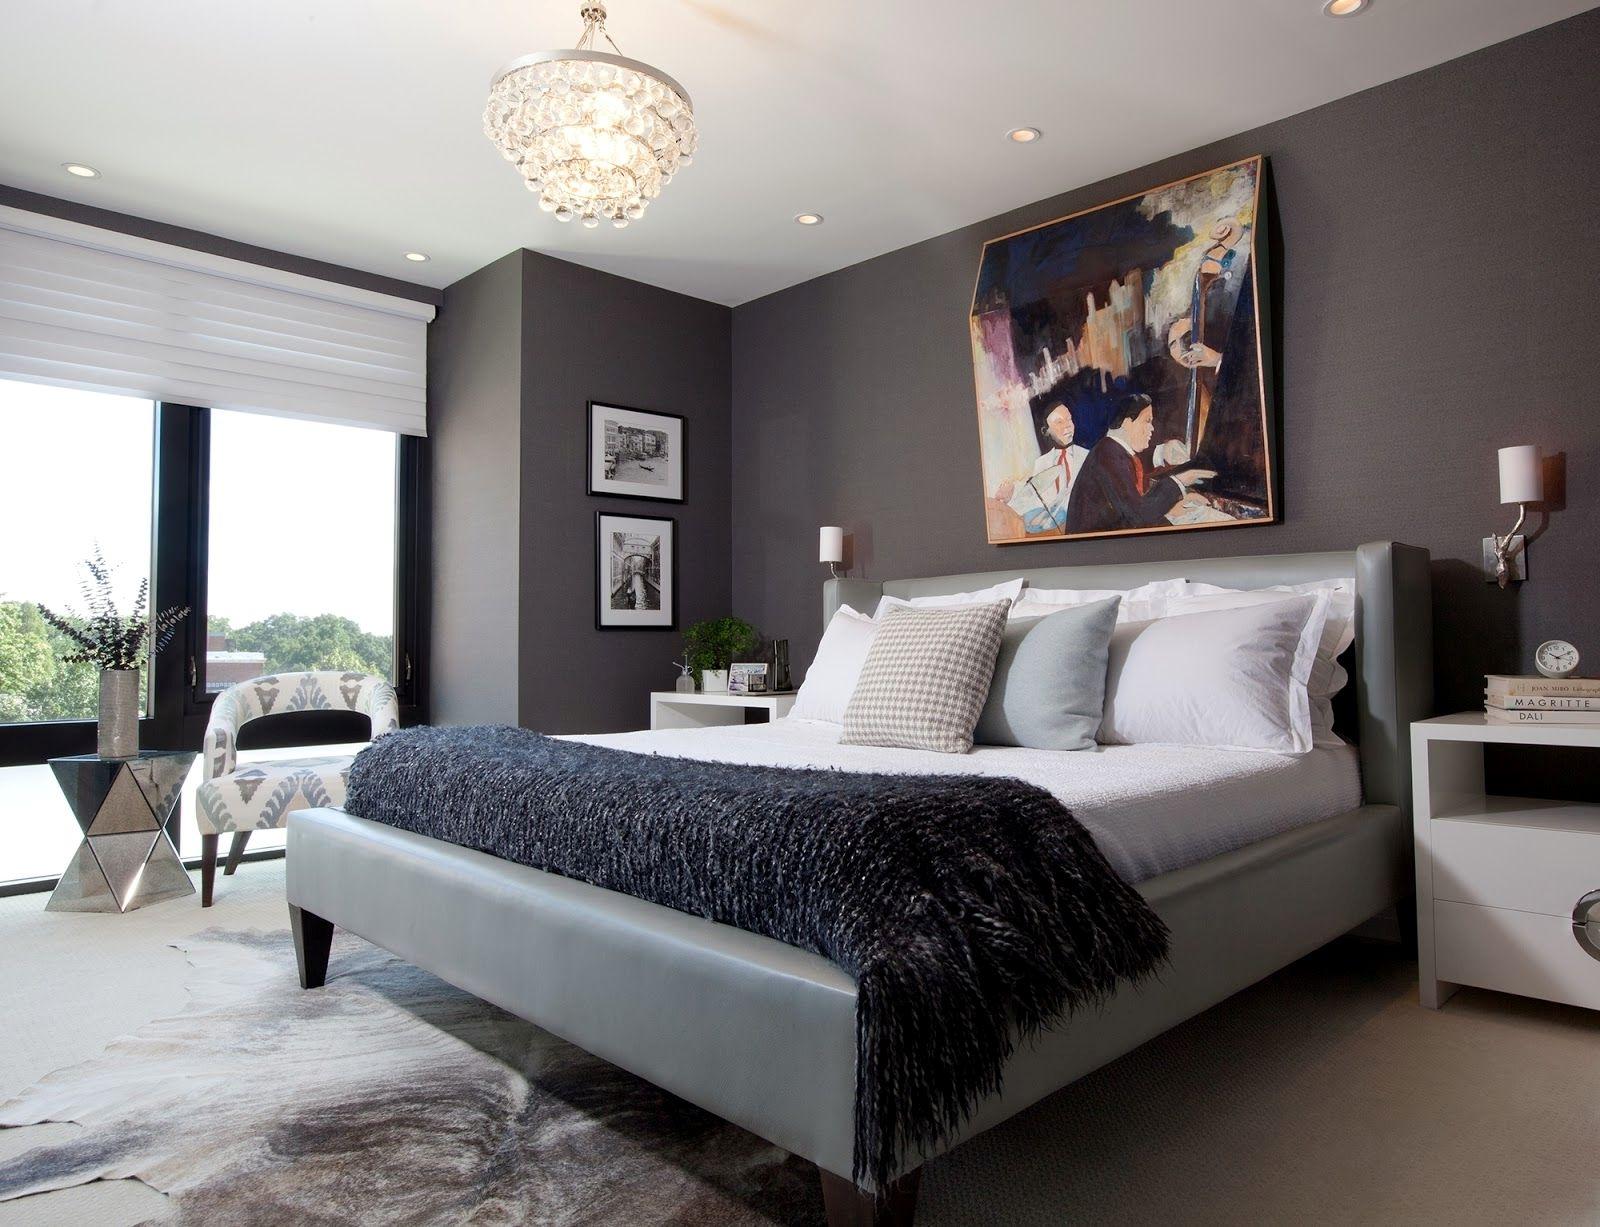 Bedroom Teens Bedroom Marvelous Teenage Bedroom Color Design Inspiration With Amazing Gr Gray Master Bedroom Luxury Bedroom Master Luxury Master Bedroom Design